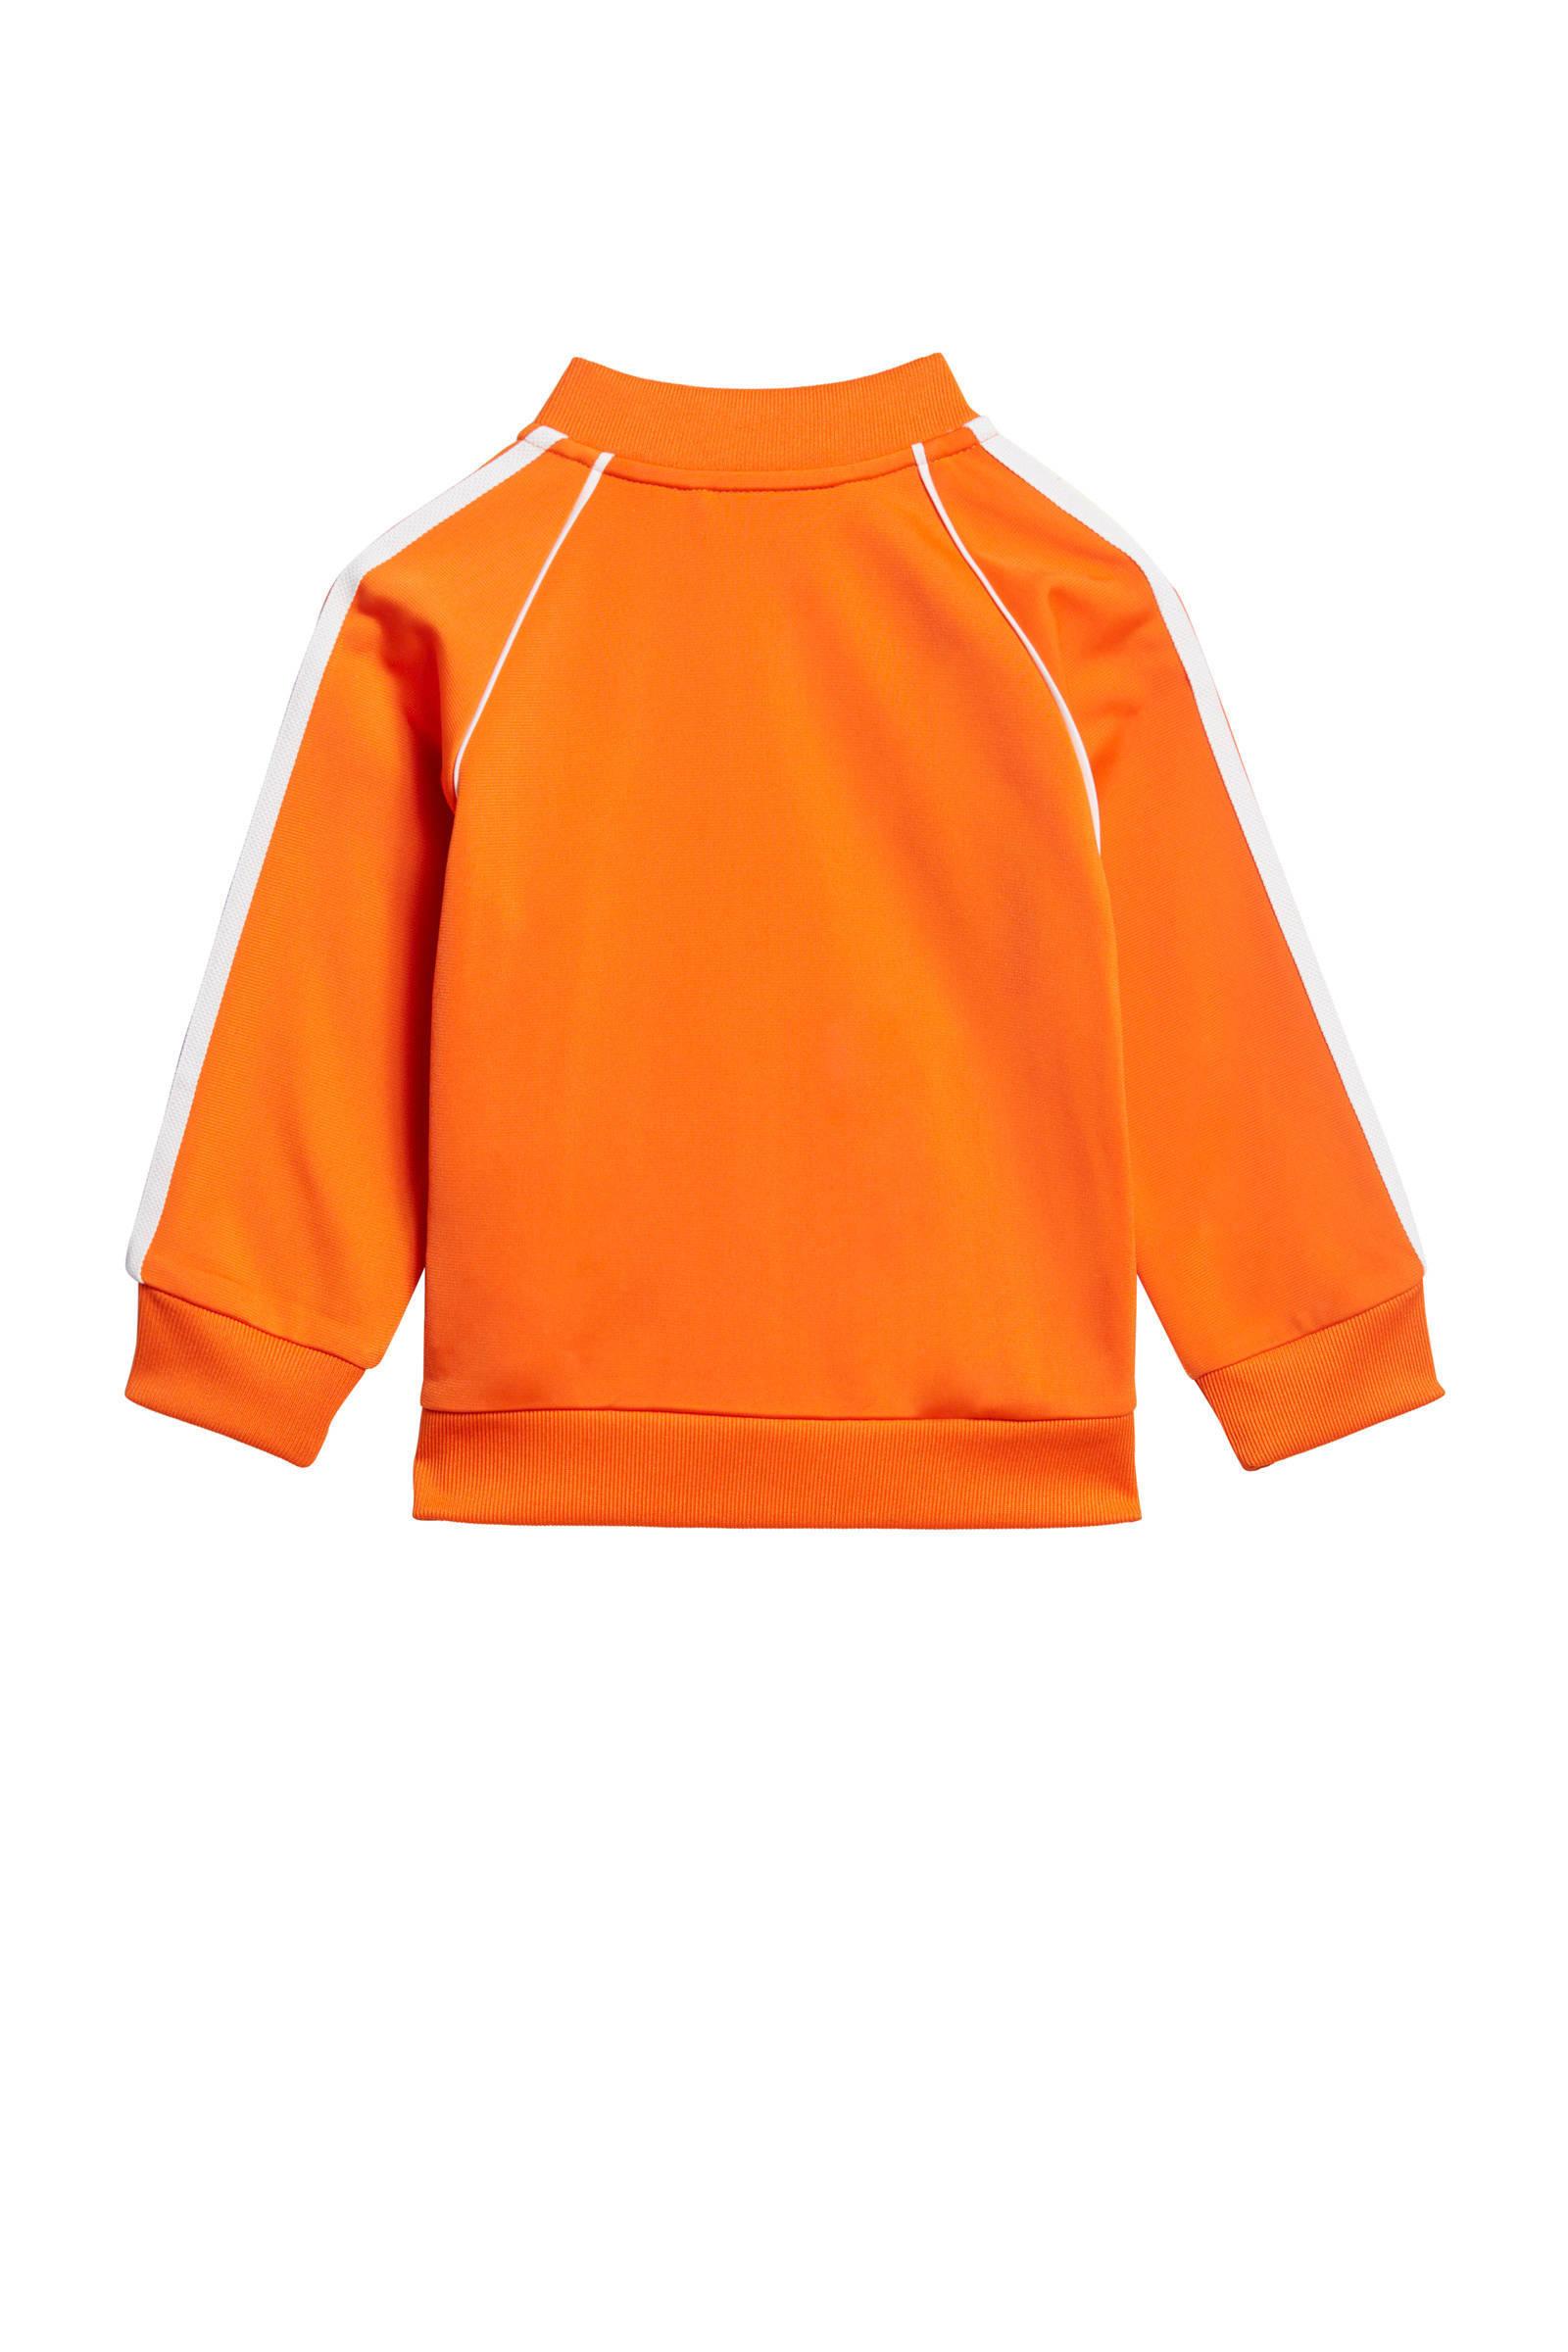 adidas Originals Adicolor trainingspak oranje | wehkamp